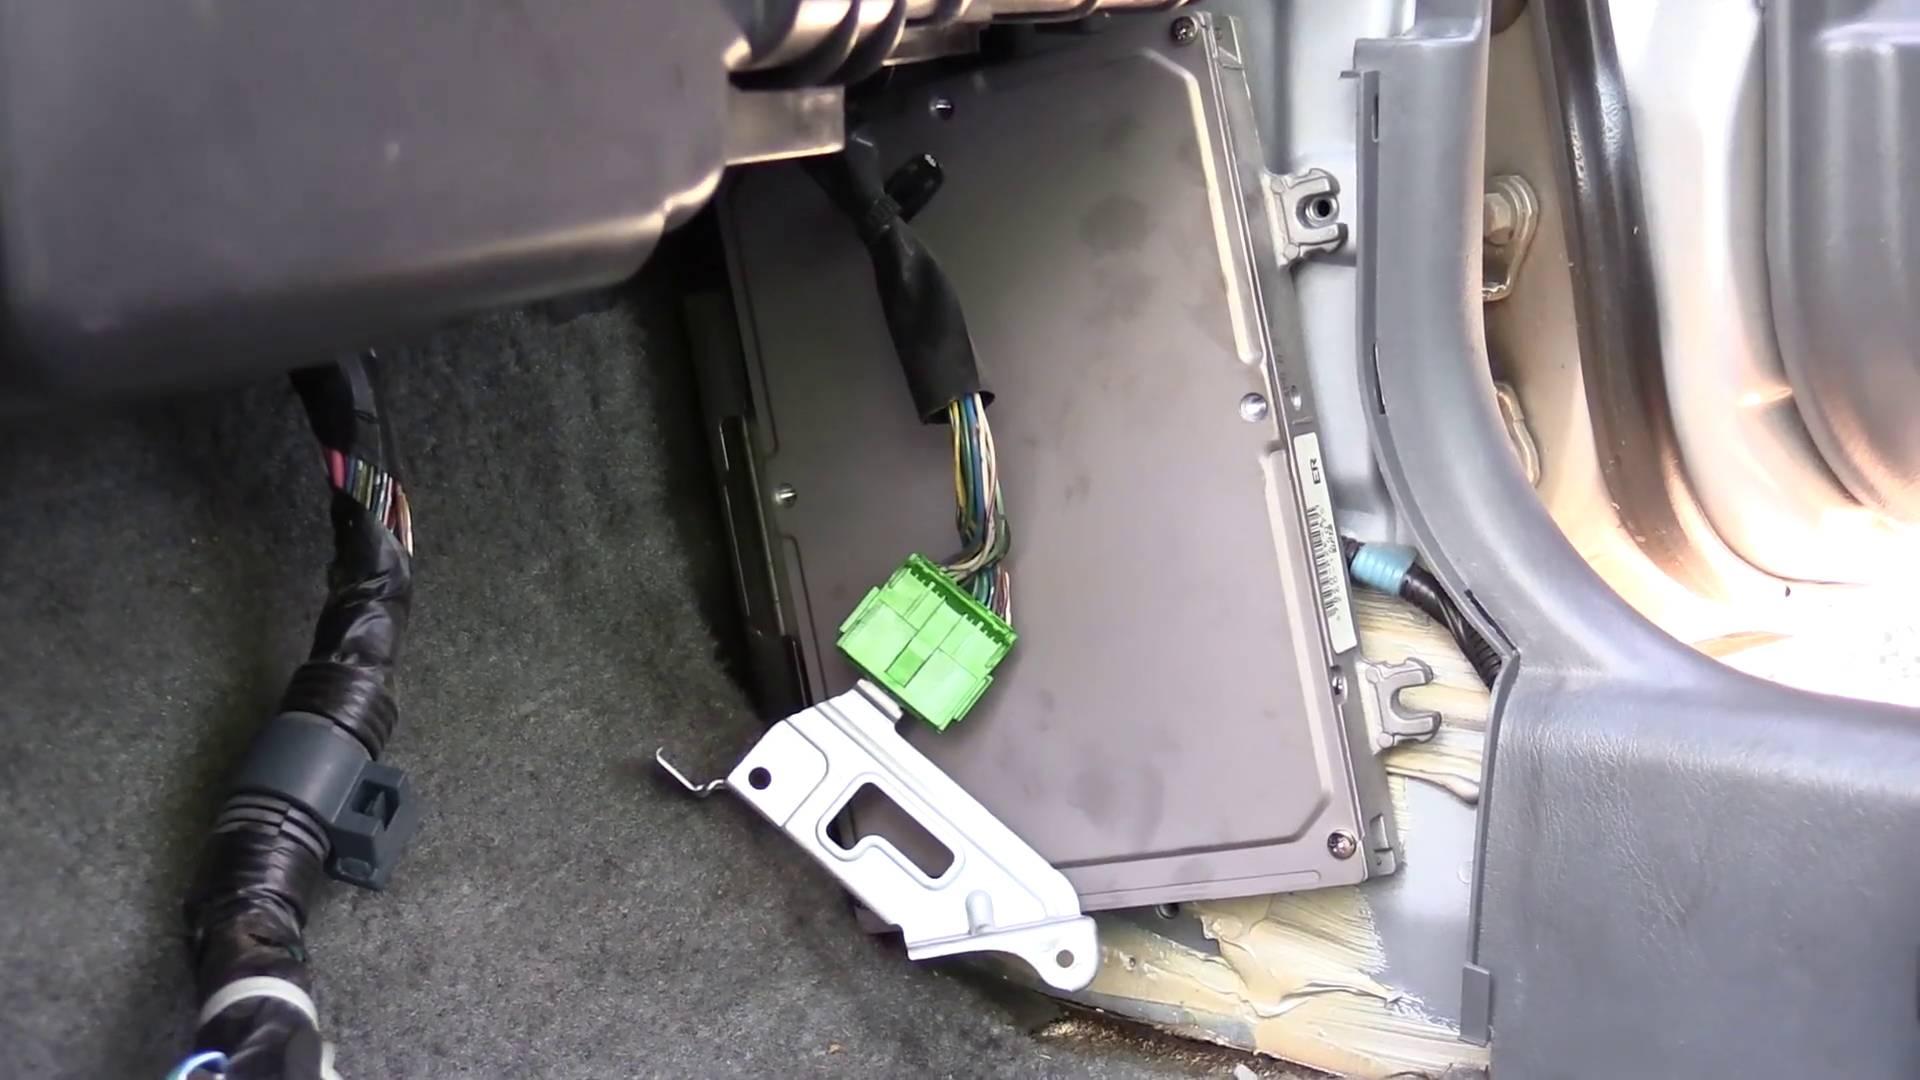 pull a honda civic computer 1996 2000 [ 1280 x 720 Pixel ]